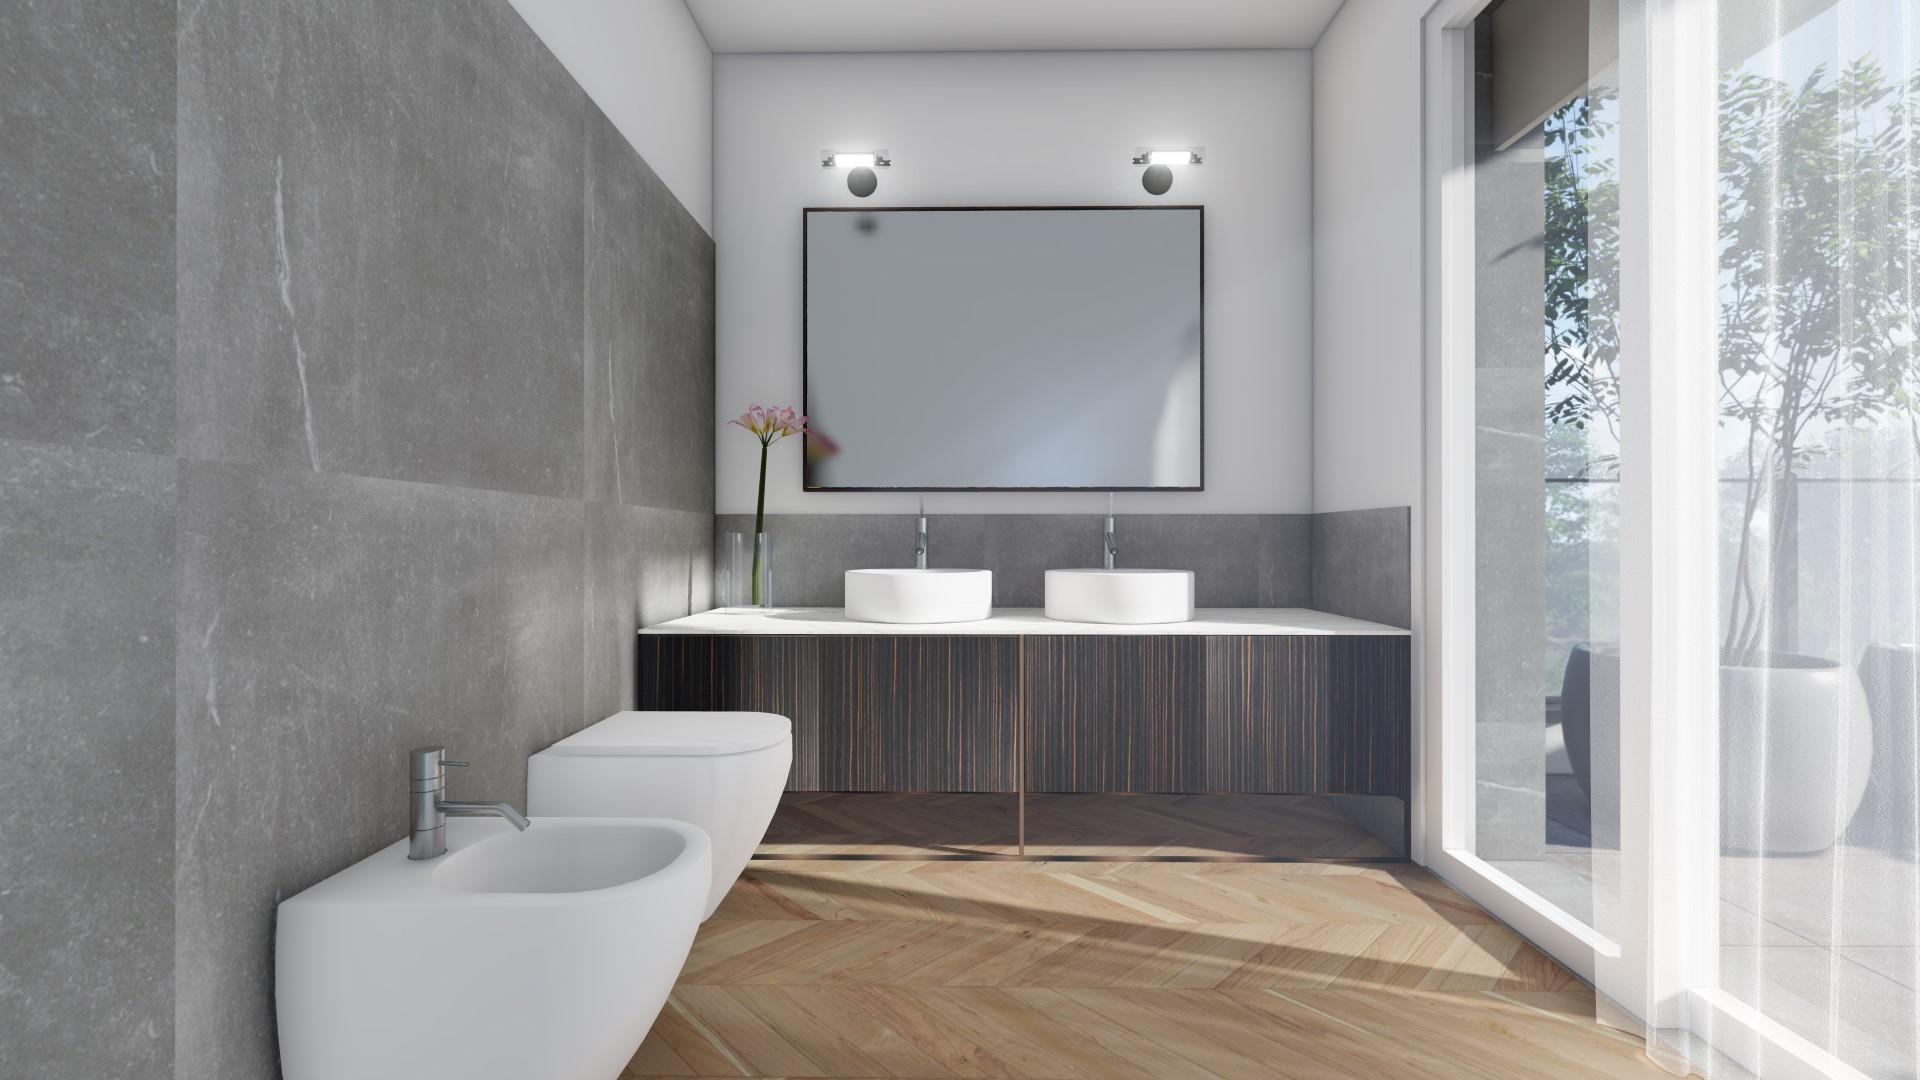 appartamenti in vendita Treviglio - zona bagno